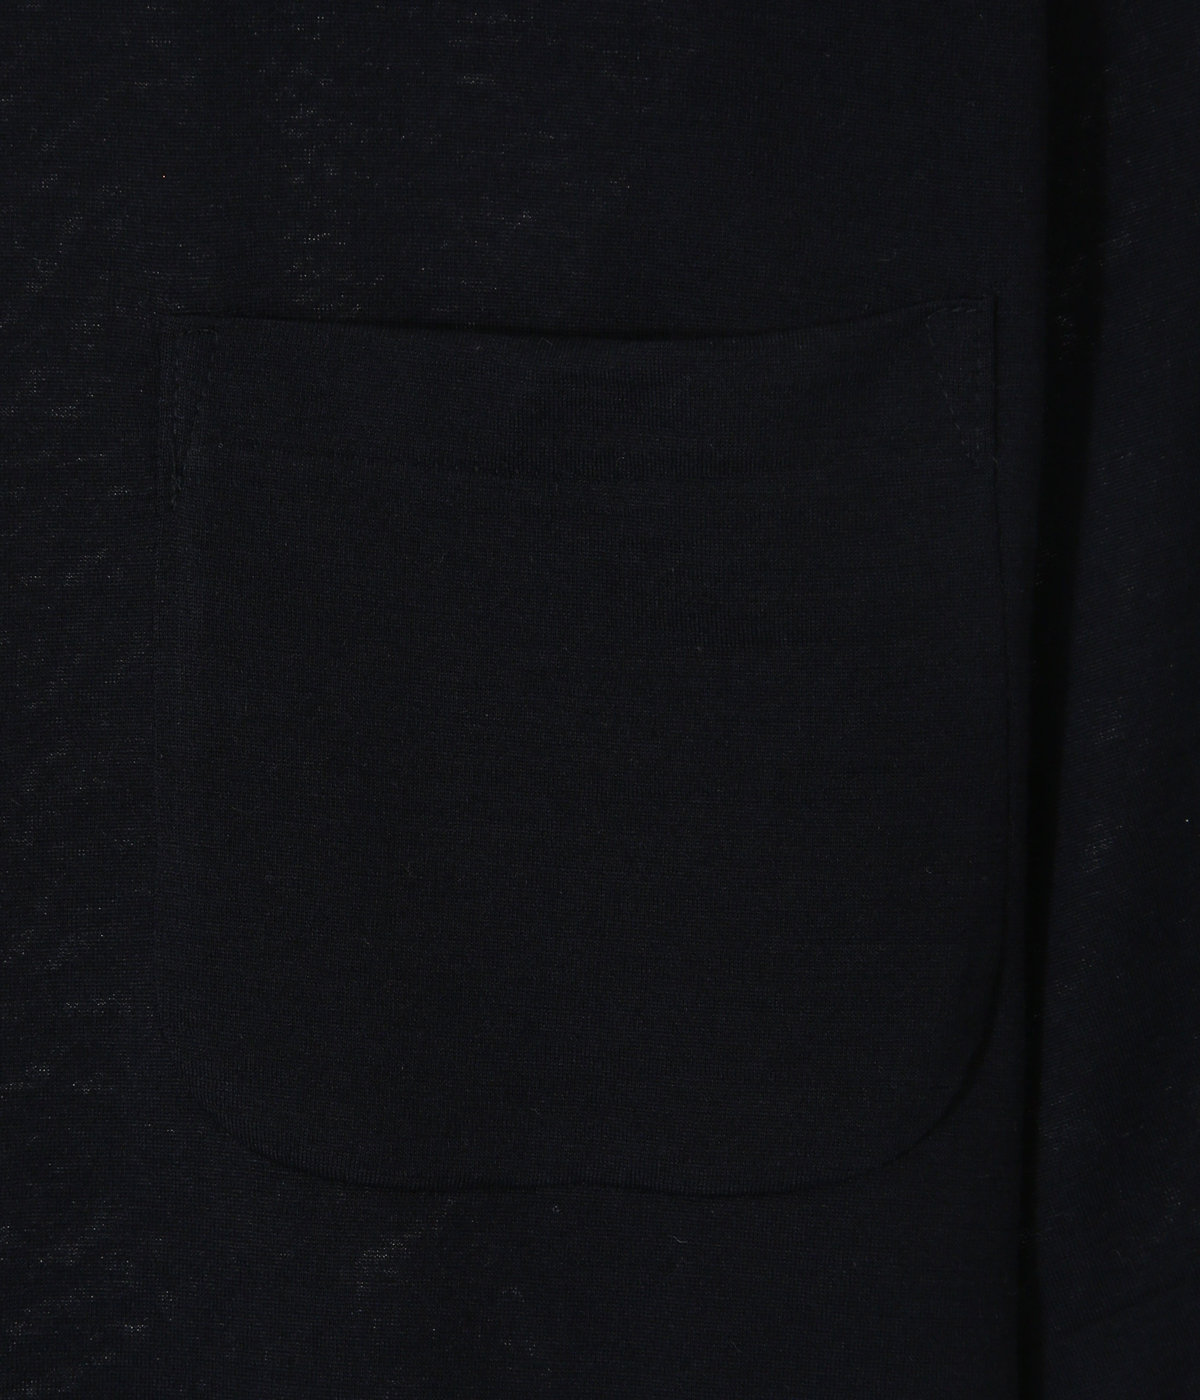 ウール天竺 半袖クルー